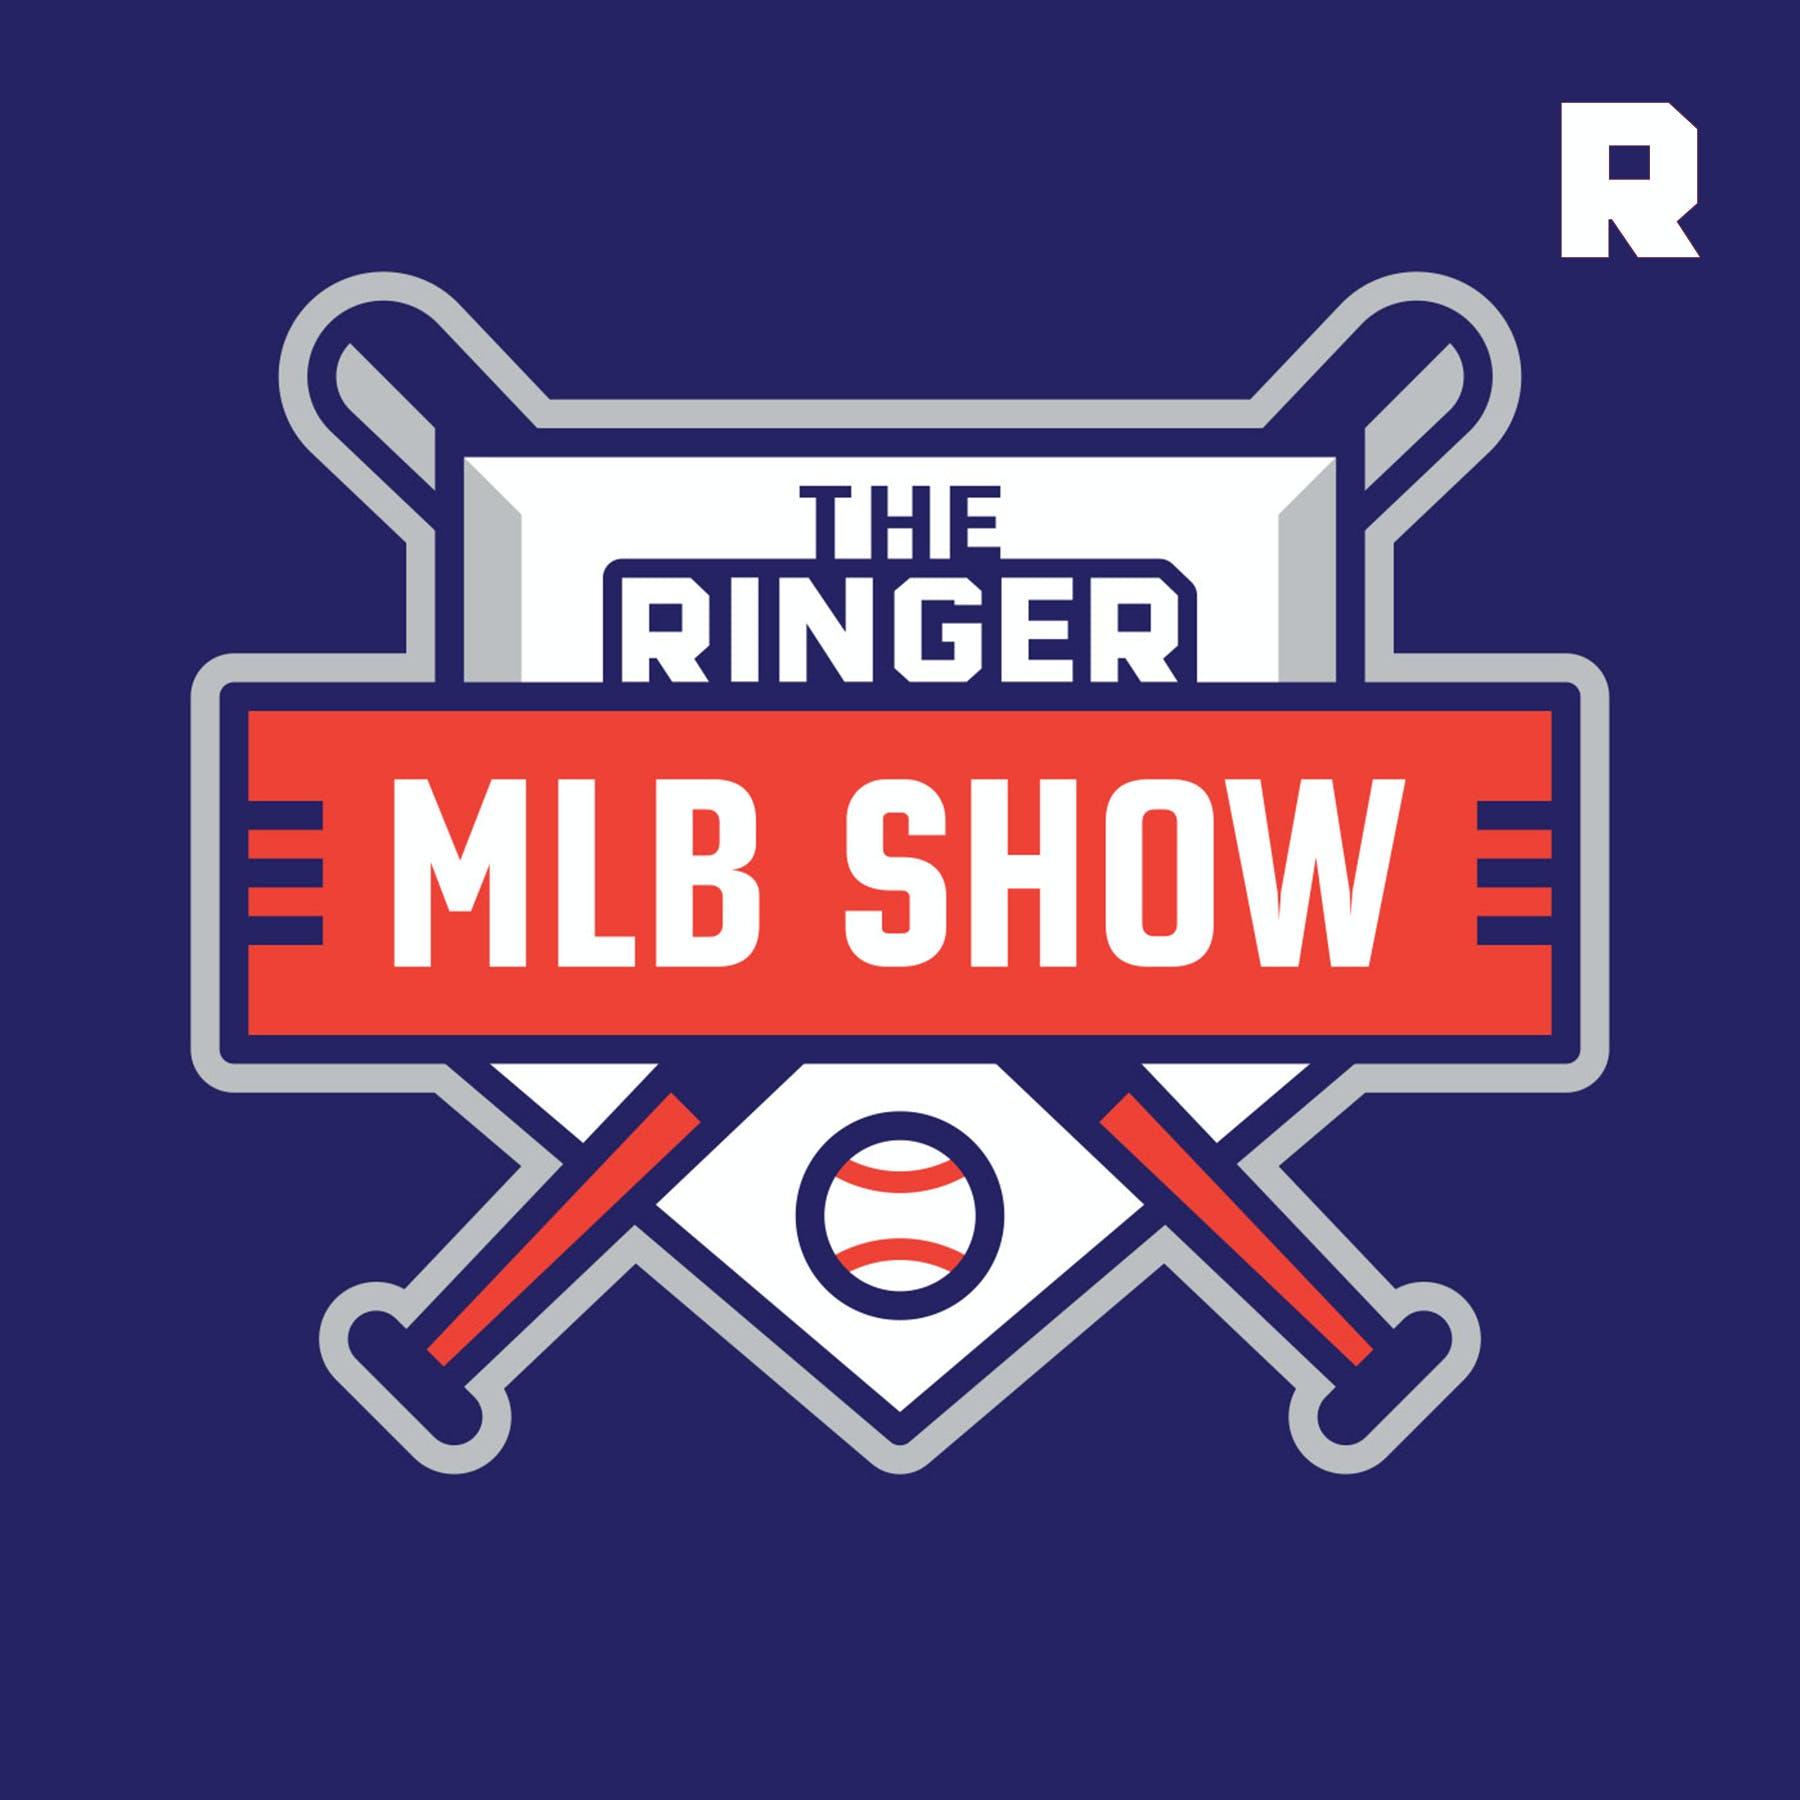 The Ringer MLB